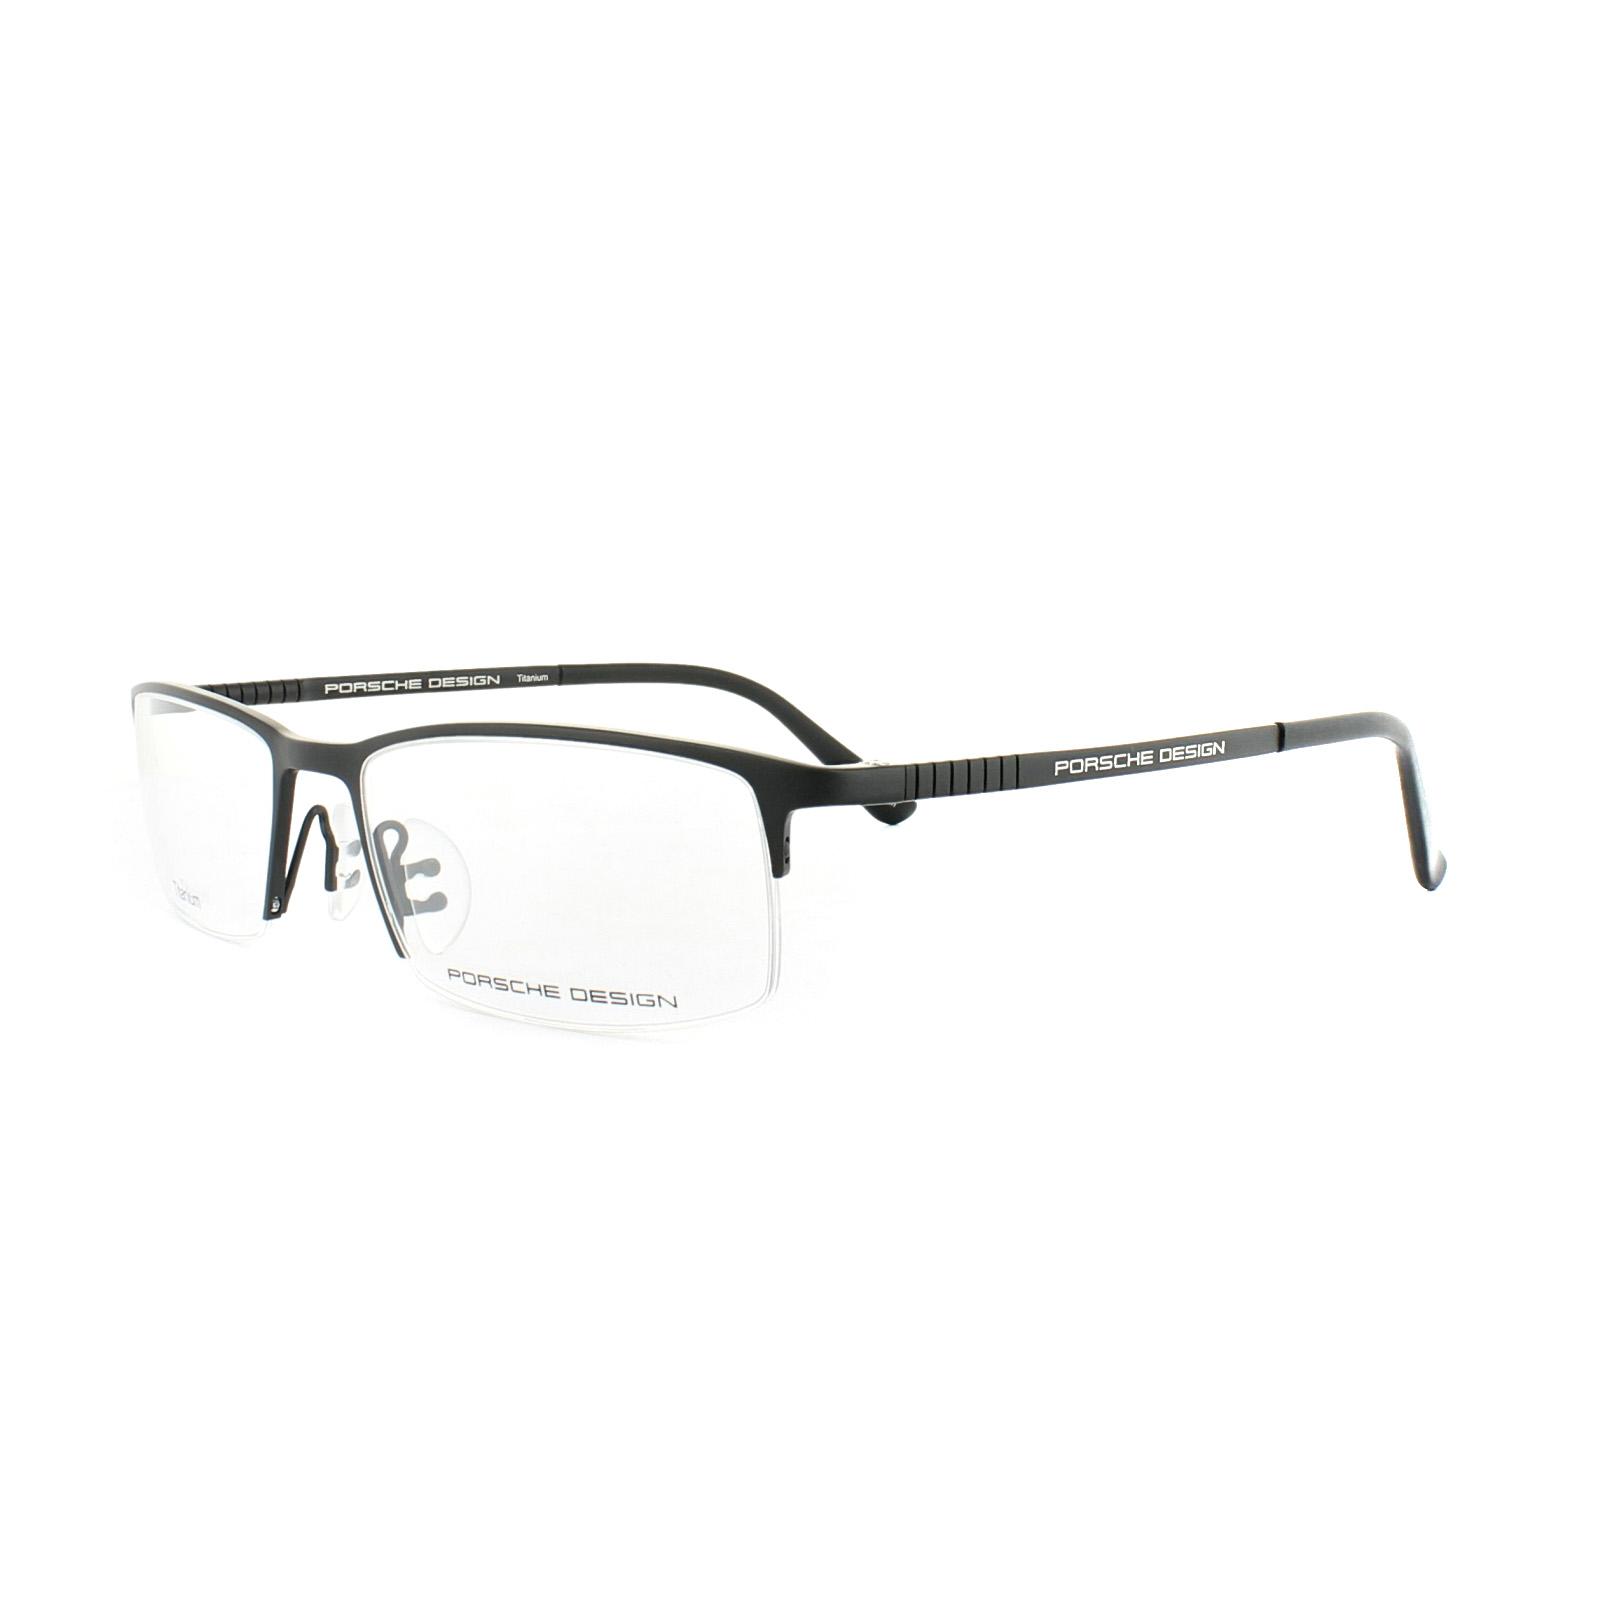 0cb1527f0f99 ... Porsche Design Glasses Frames P8237 A Black 4046901711115 eBay